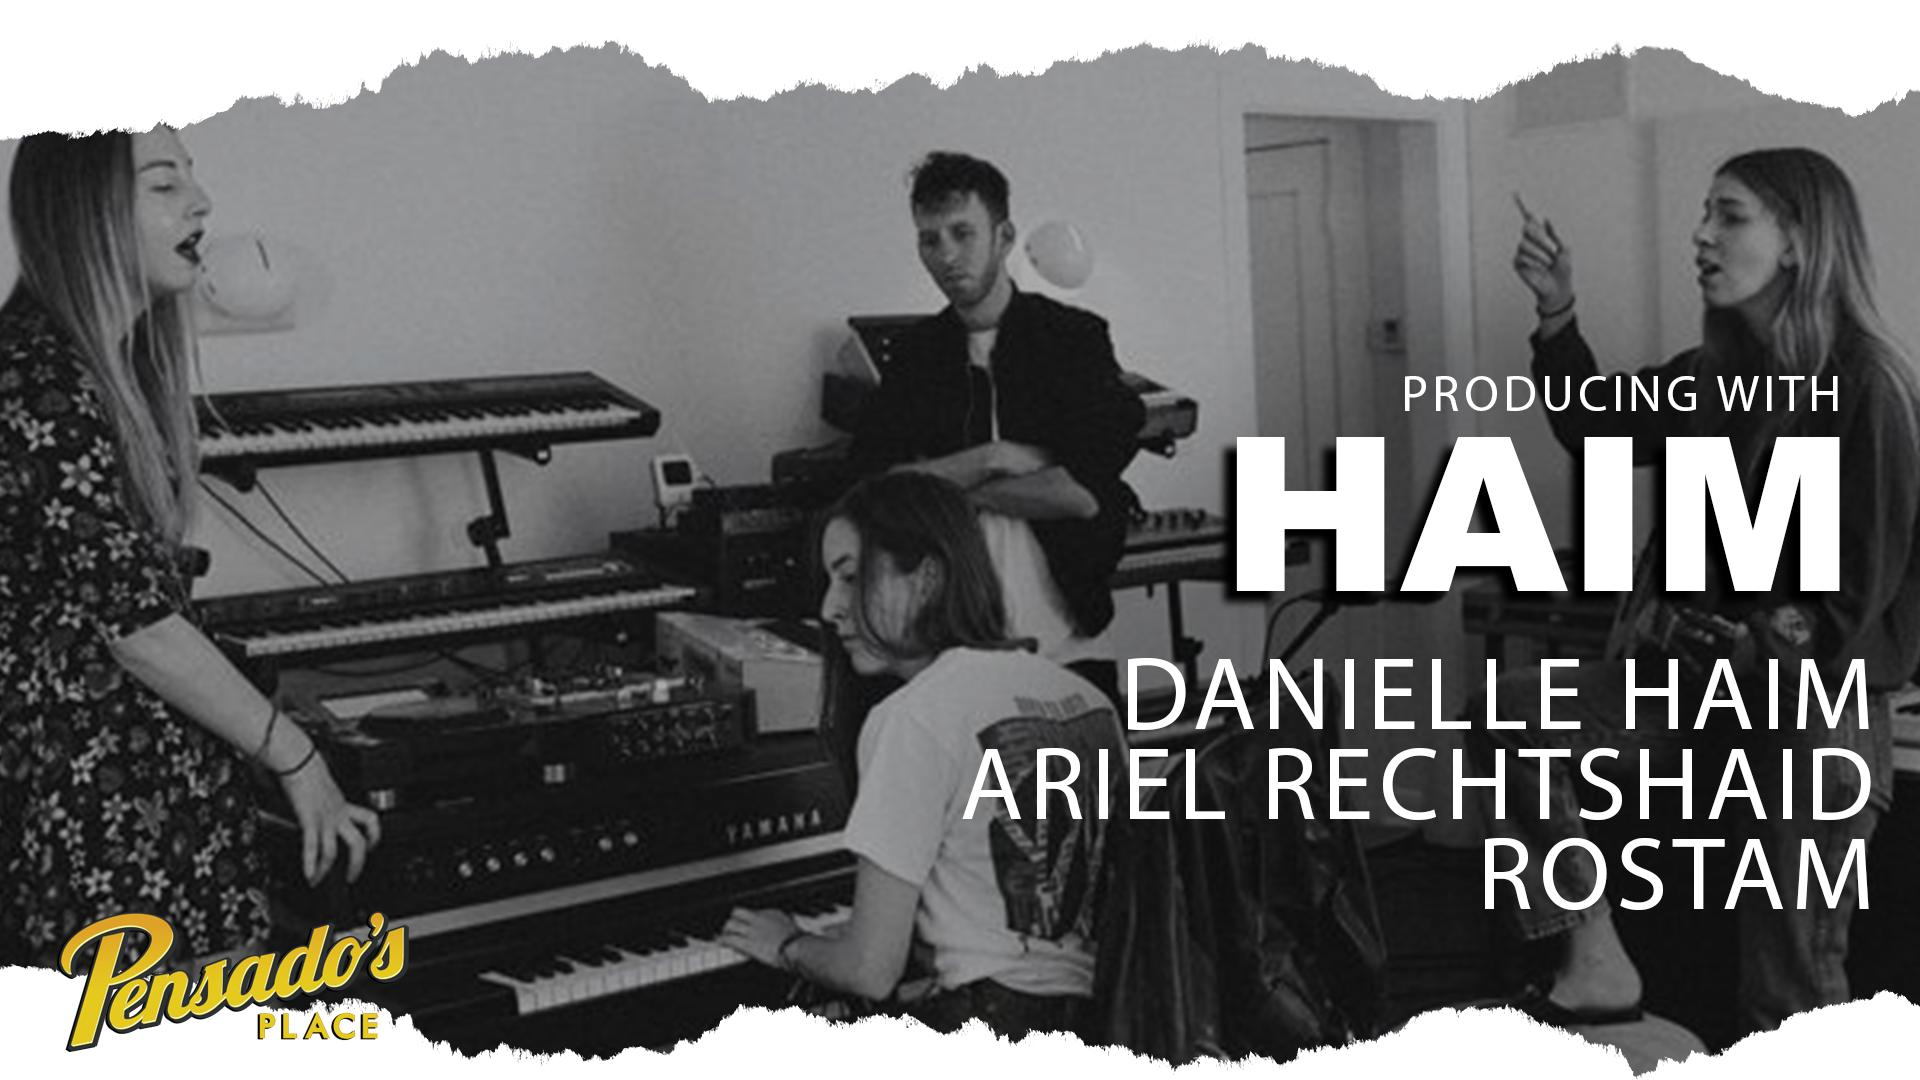 Producing with HAIM (Danielle Haim, Ariel Rechtshaid, & Rostam)